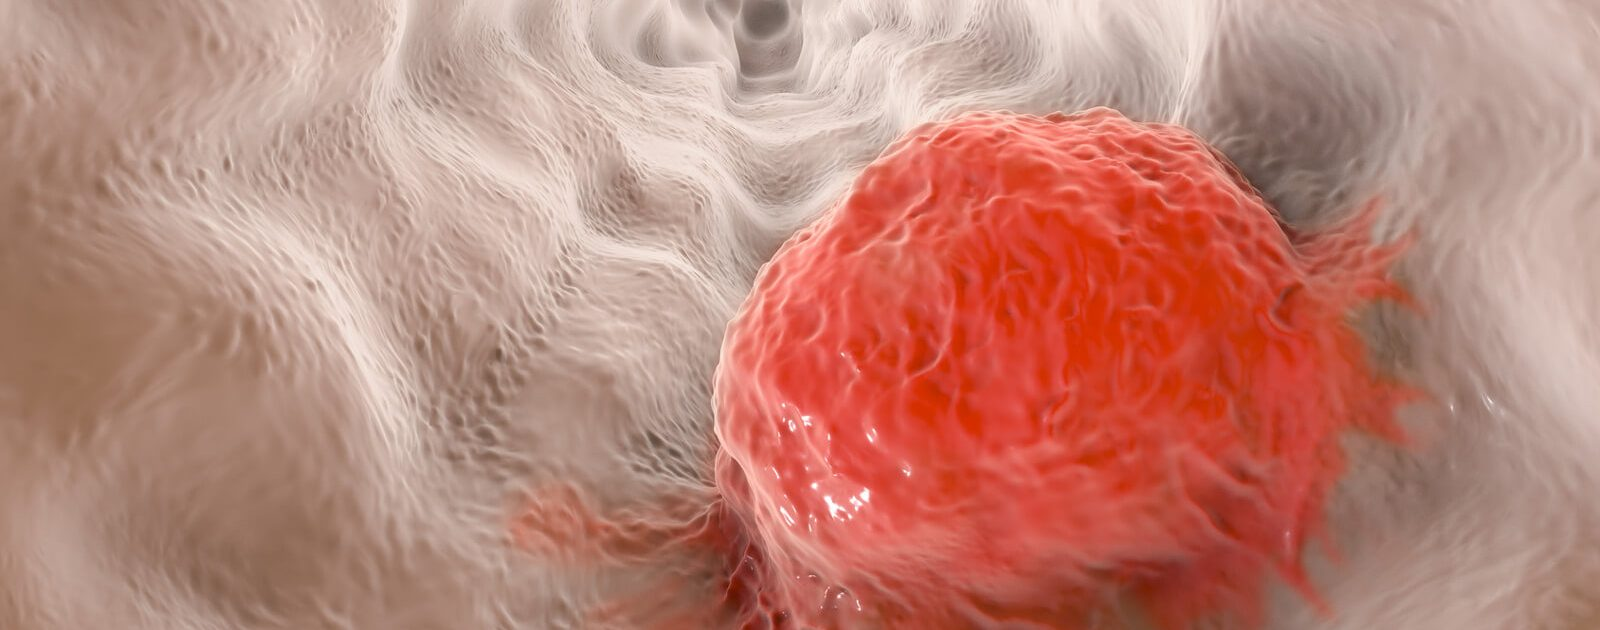 Bei bösartigen Speiseröhrenkrebs wuchern Zellen der Speiseröhrenschleimhaut unkontrolliert weiter